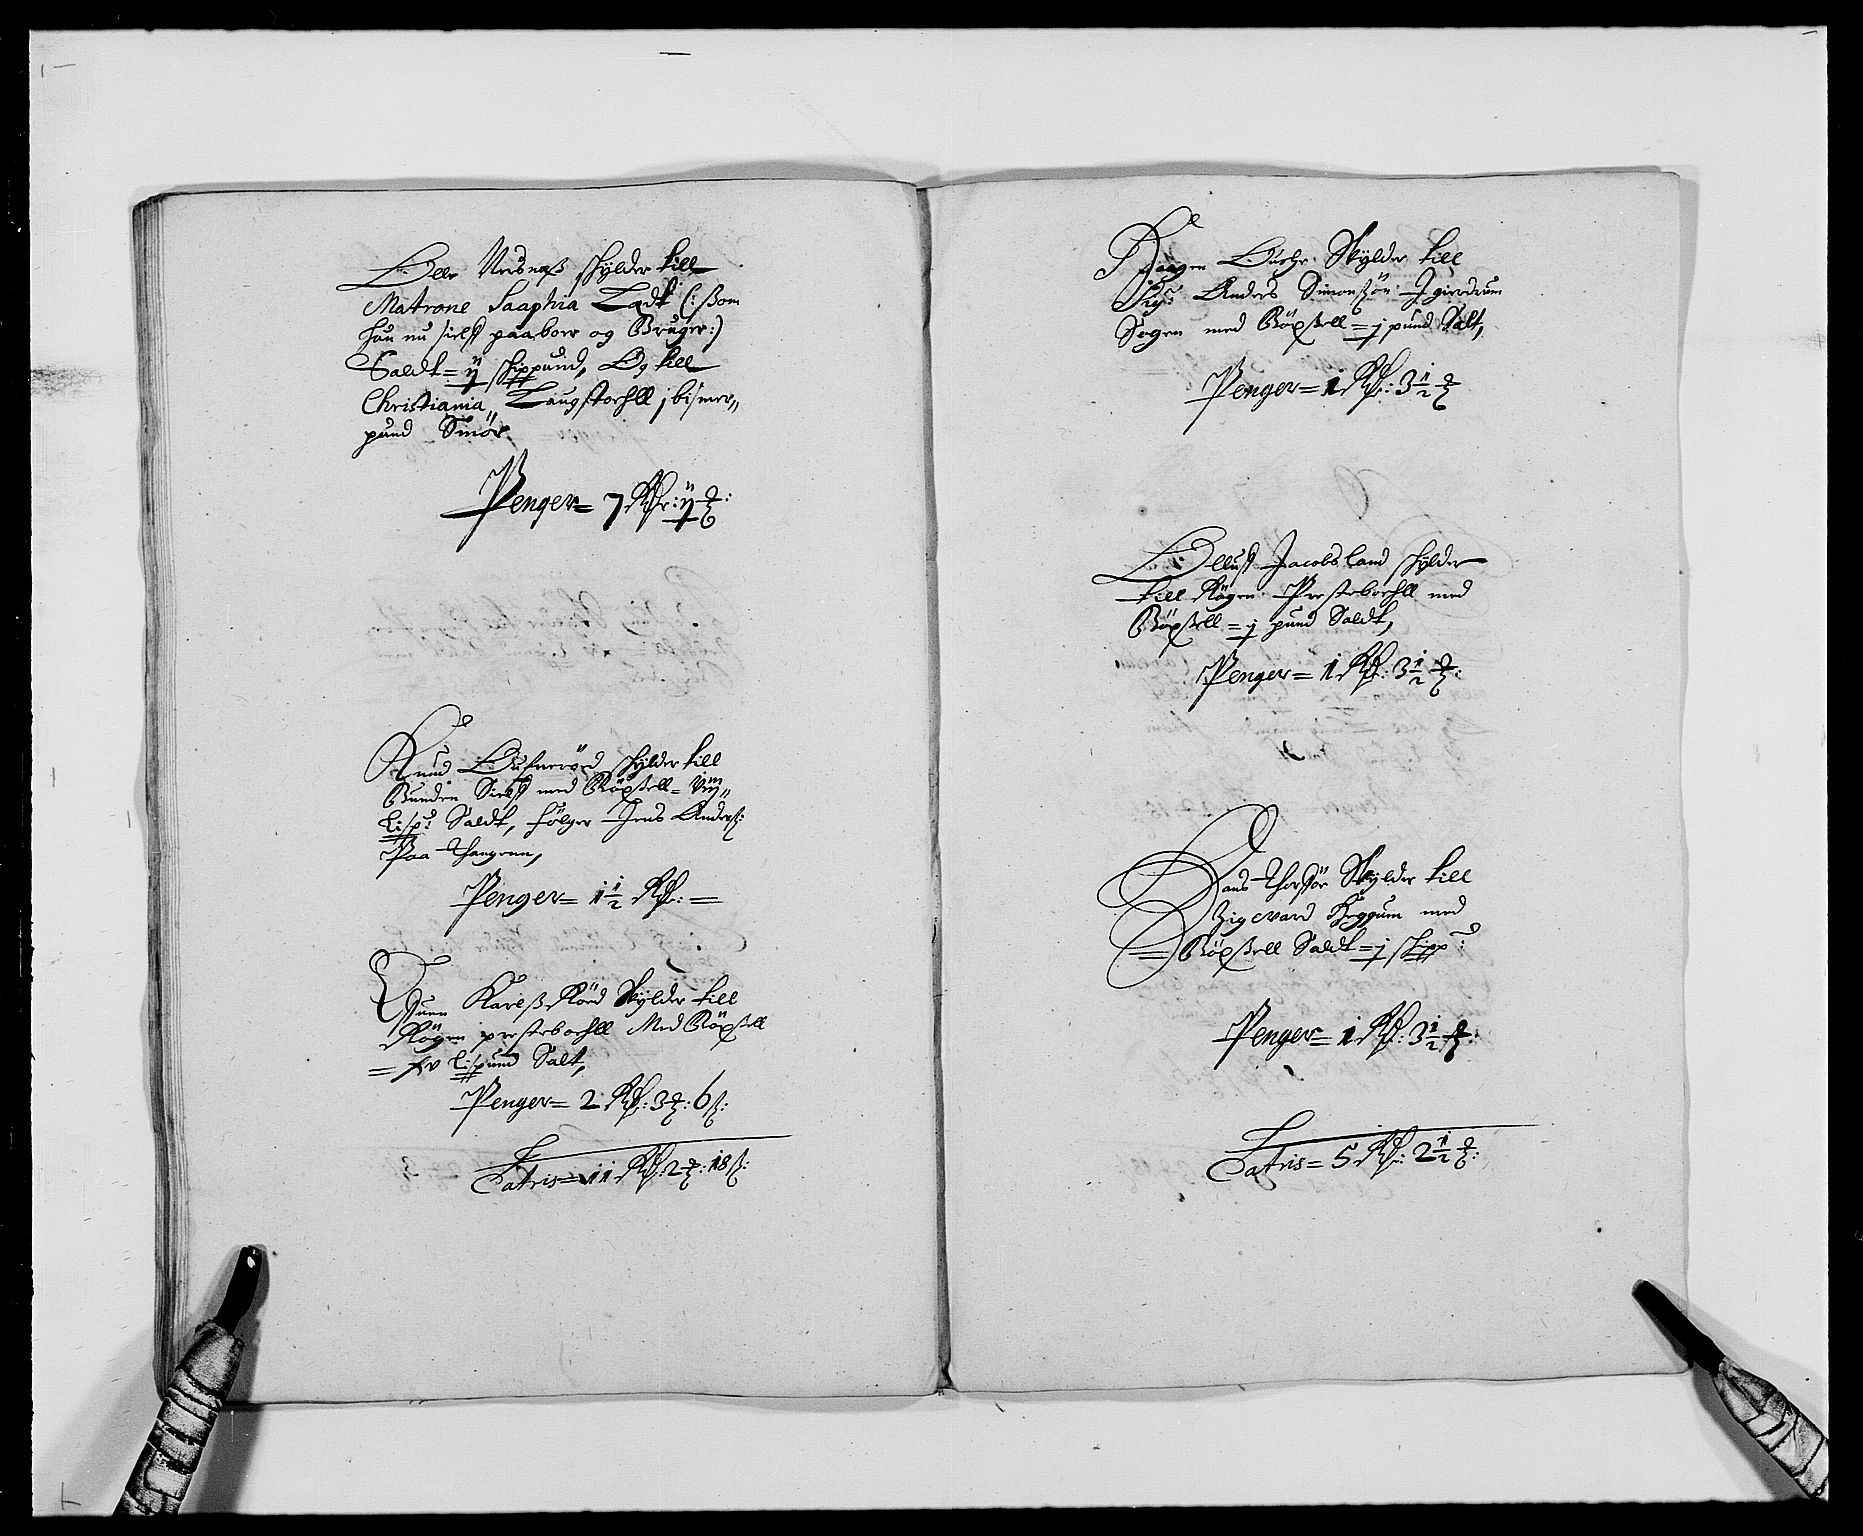 RA, Rentekammeret inntil 1814, Reviderte regnskaper, Fogderegnskap, R29/L1691: Fogderegnskap Hurum og Røyken, 1678-1681, s. 377